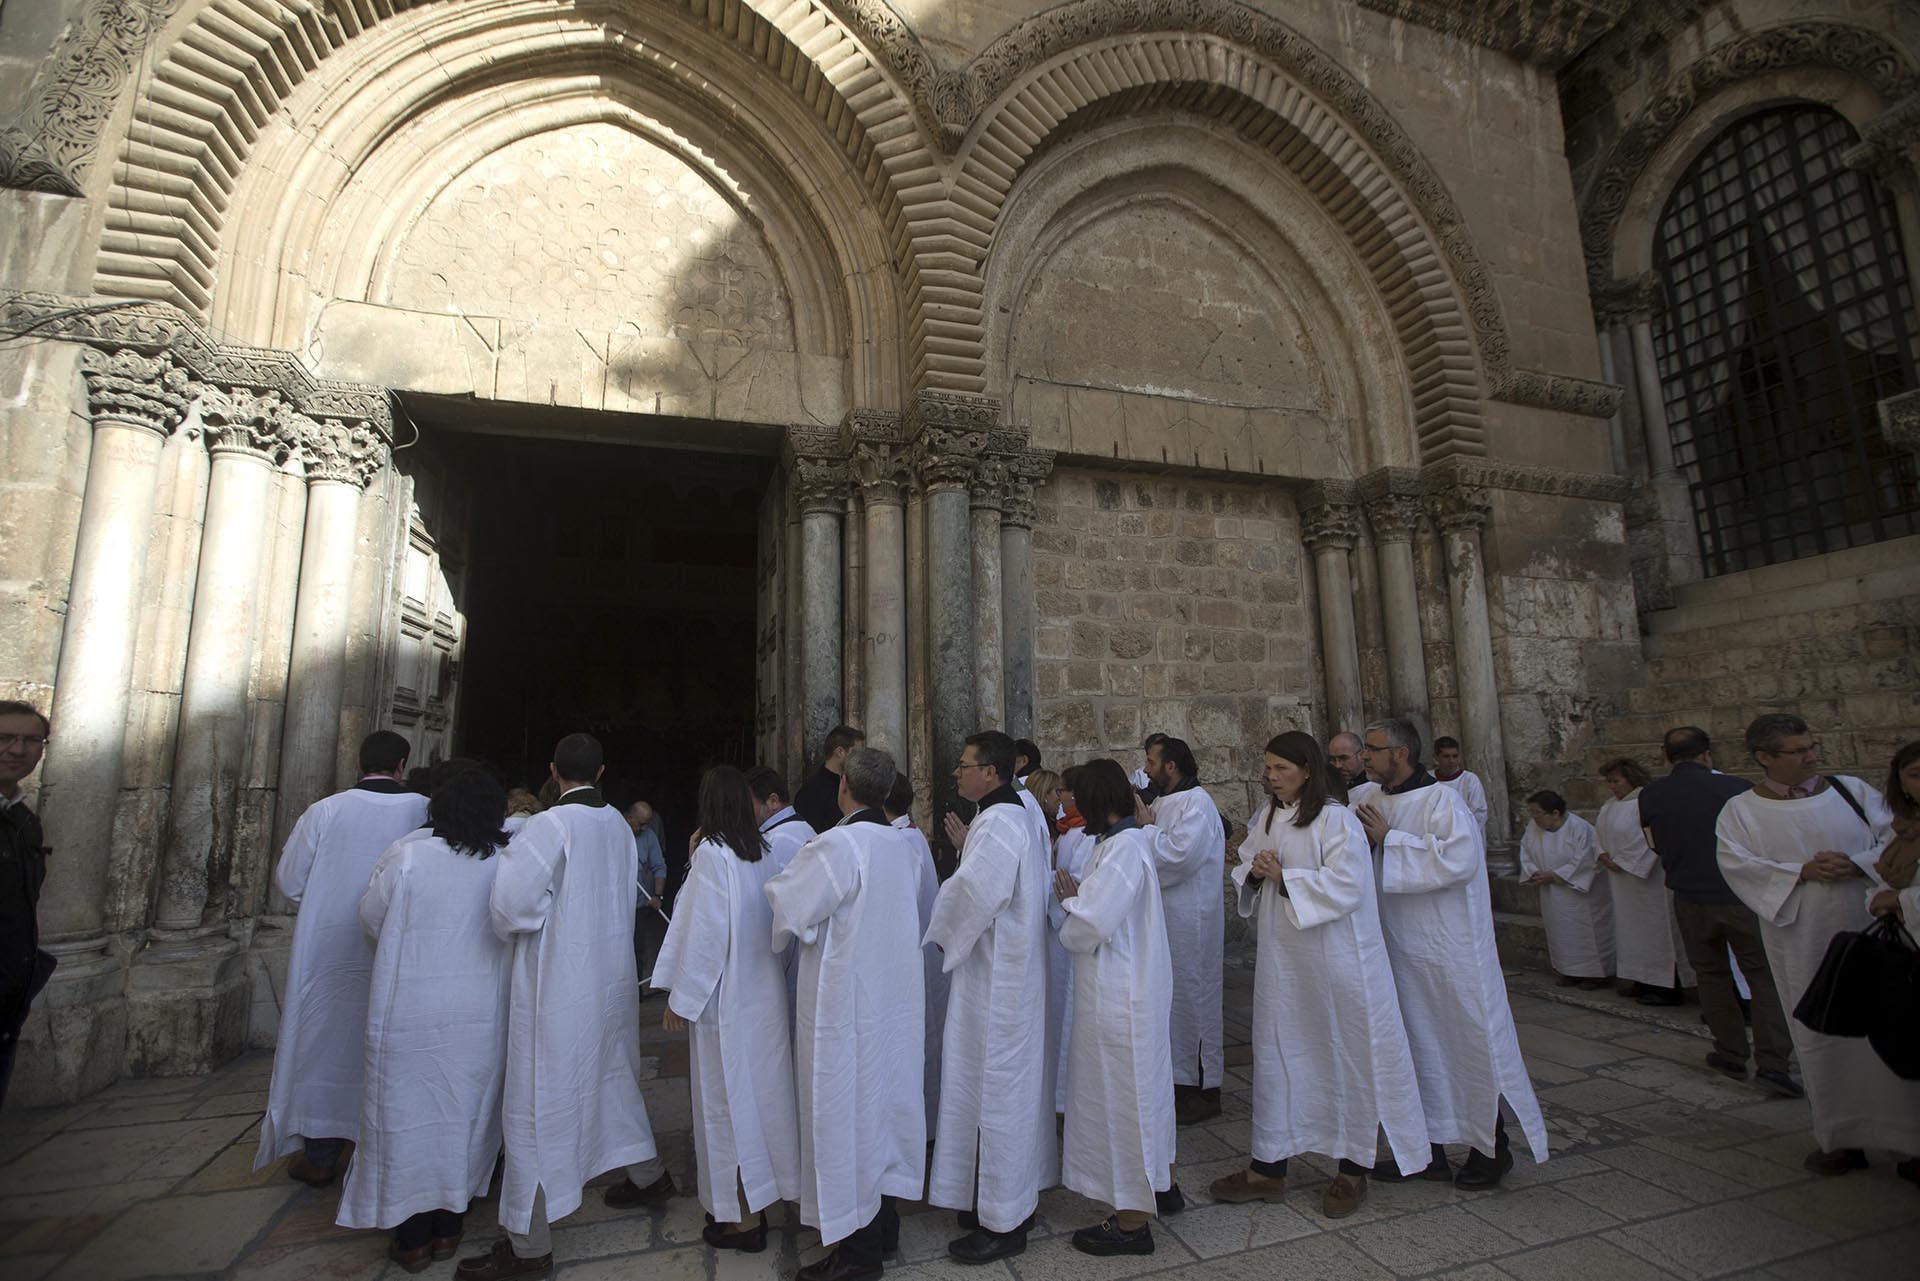 Peregrinos cristianos rezan a las afueras de la Iglesia de la Santa Sepultura en Jerusalén, Israel